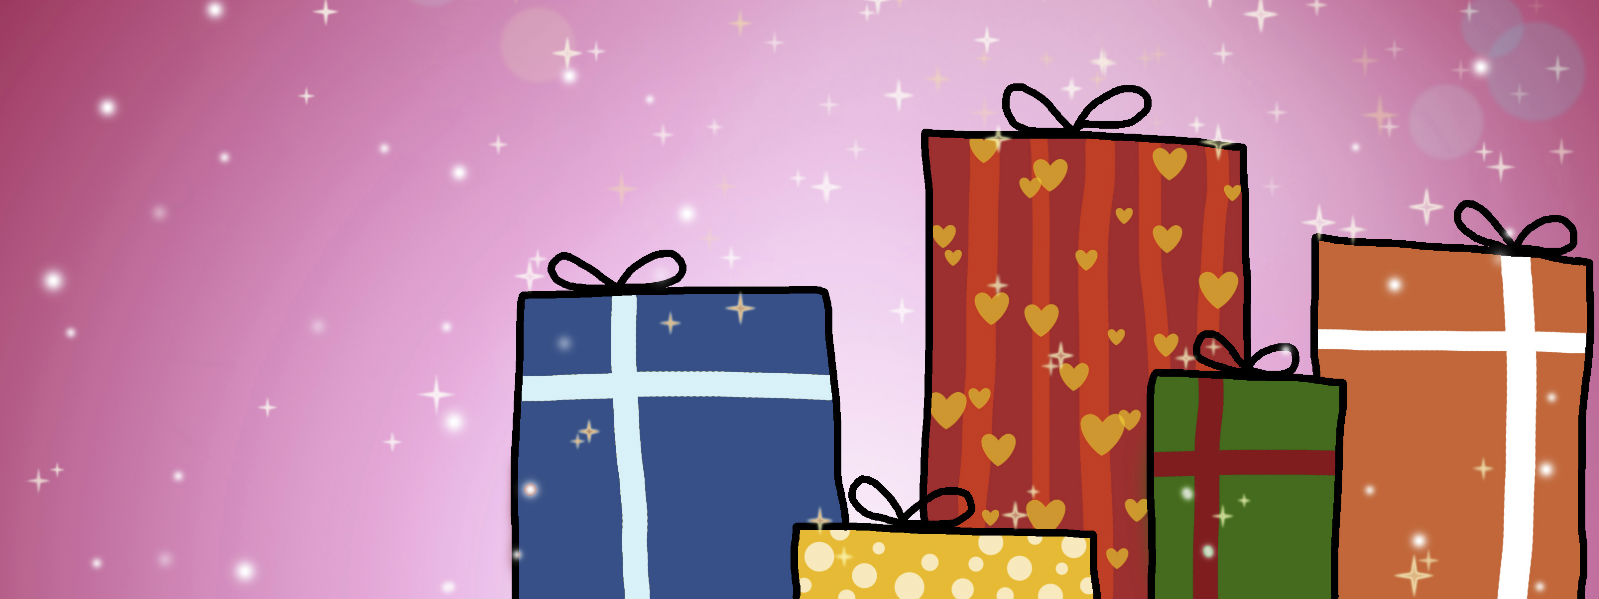 http://cdn2.hubspot.net/hub/32387/file-2130609683-jpg/Holiday_Gifts.jpg